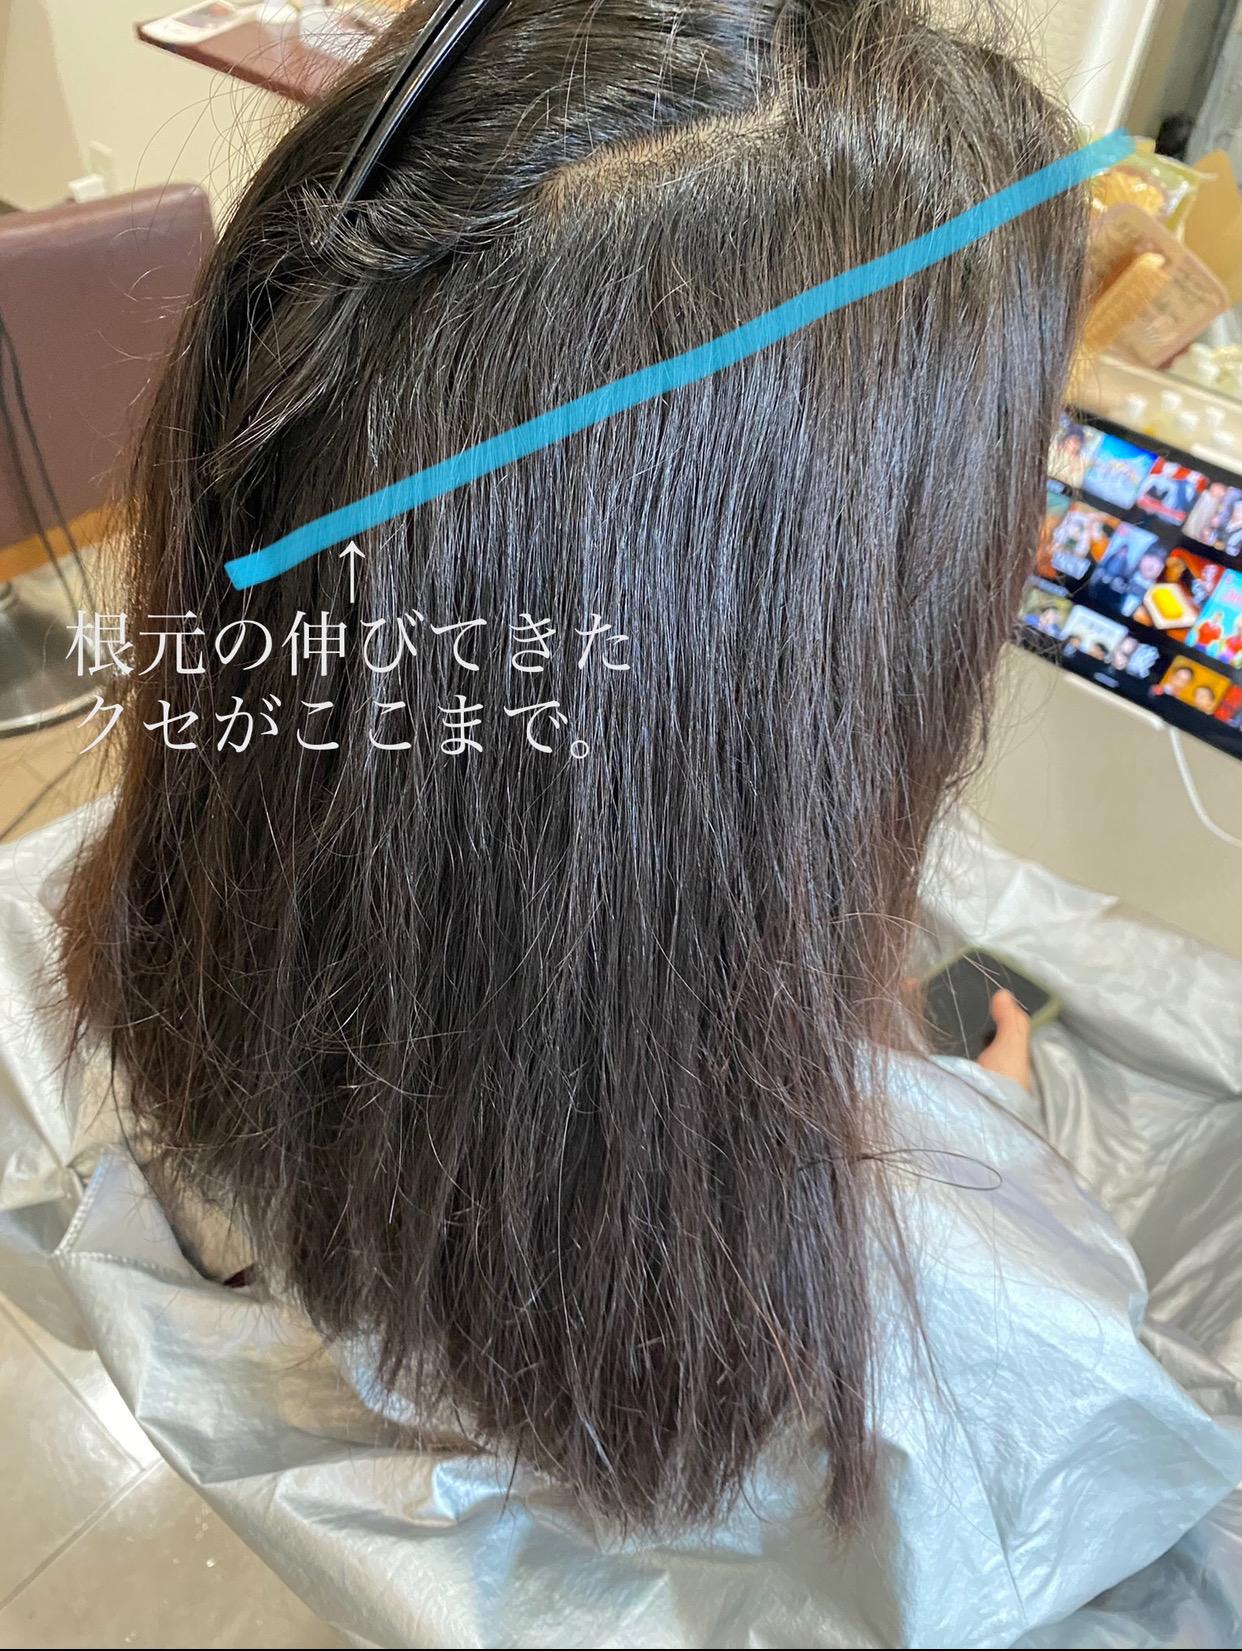 縮毛矯正がいつも伸びてない人の髪 大阪 堺市 美容 縮毛矯正 ストレート